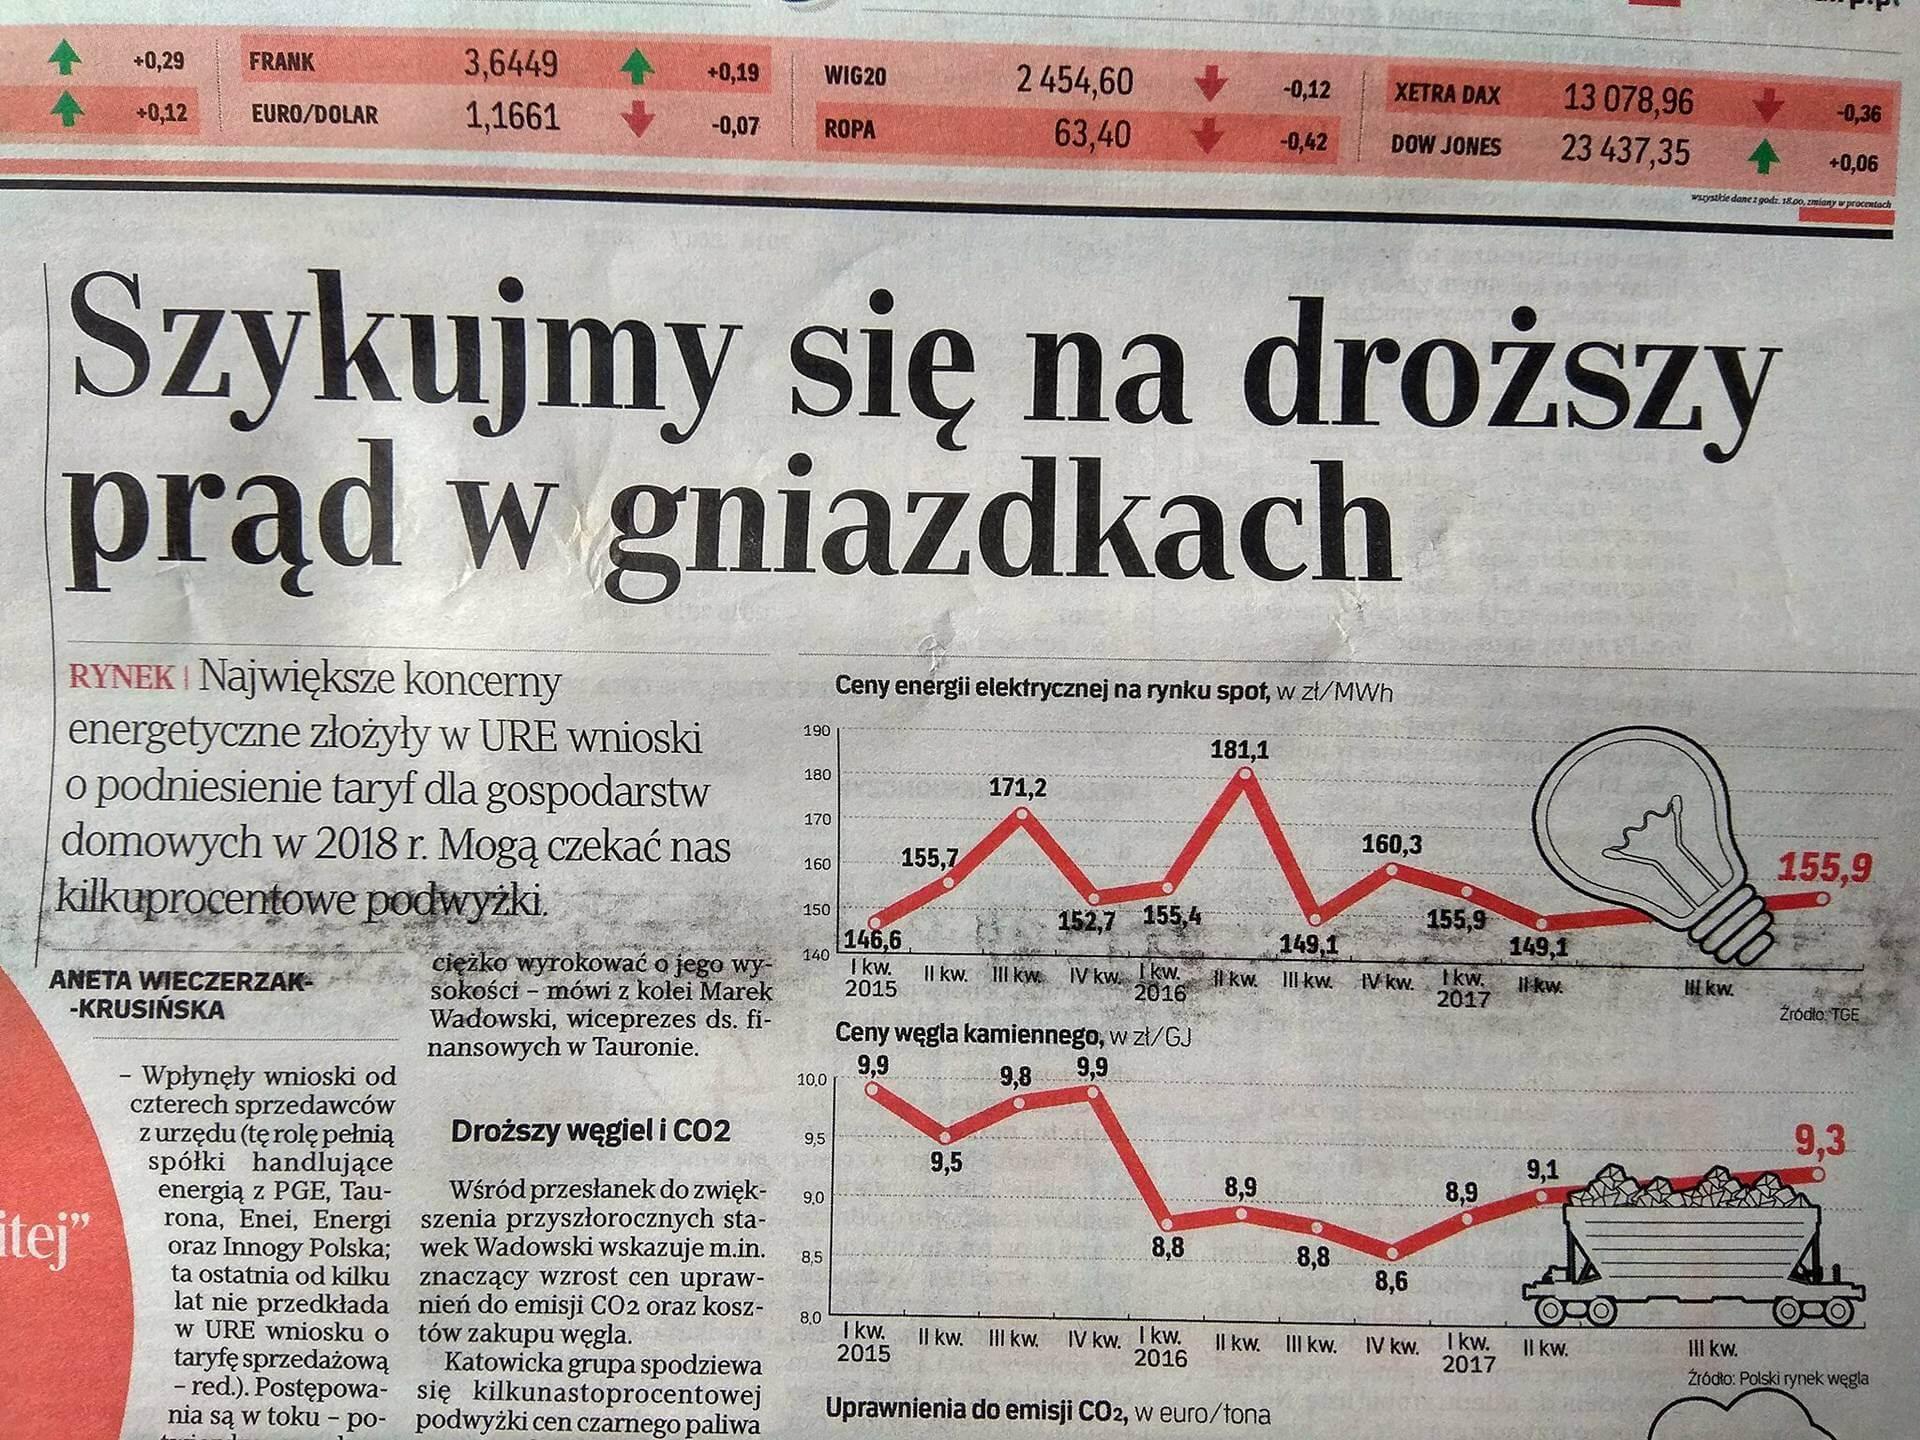 podwyżki cen energii